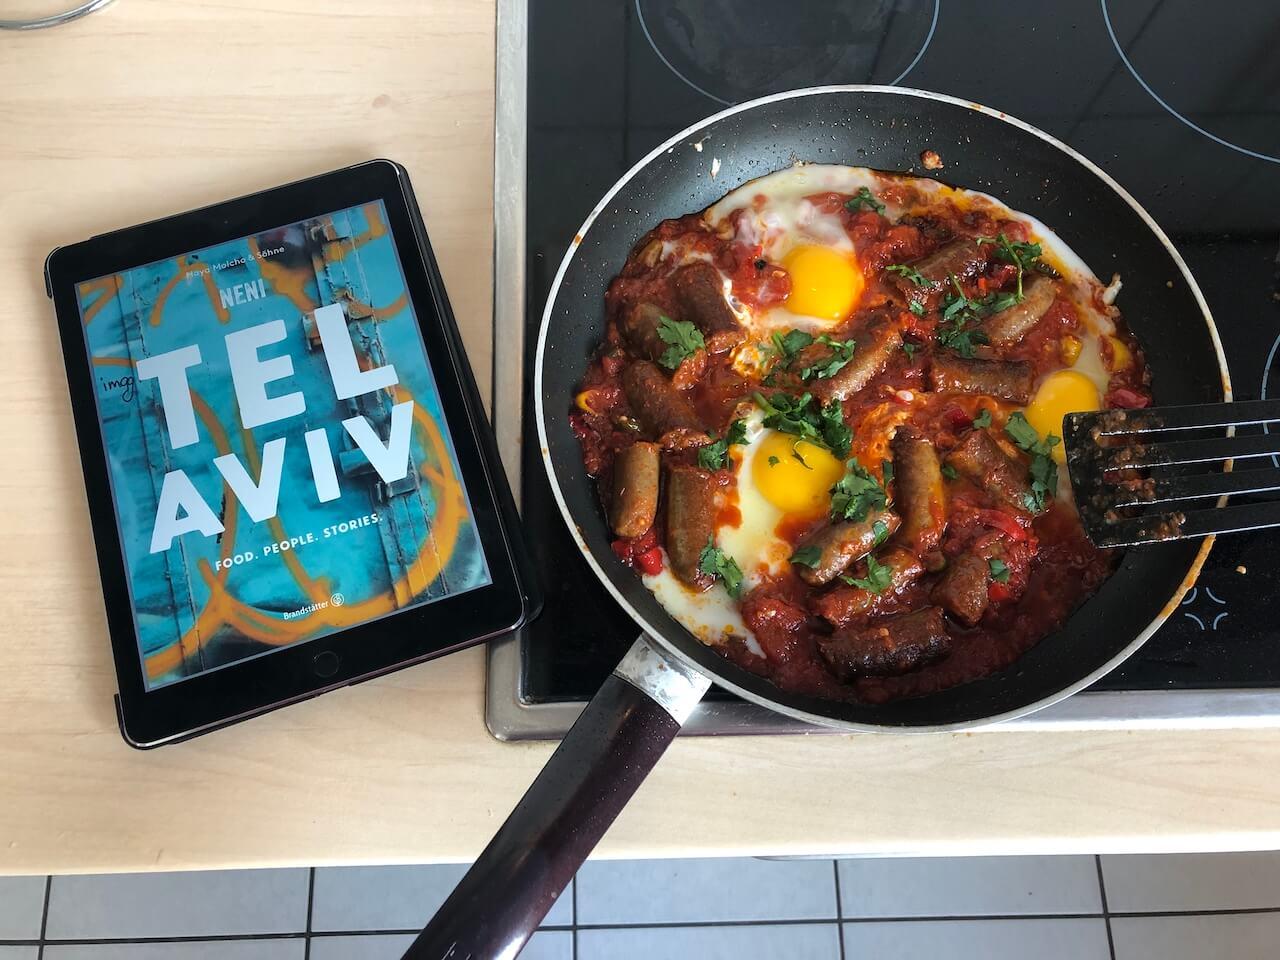 Kulinarische Reisevorbereitungen: Tel Aviv und das Neni-Kochbuch